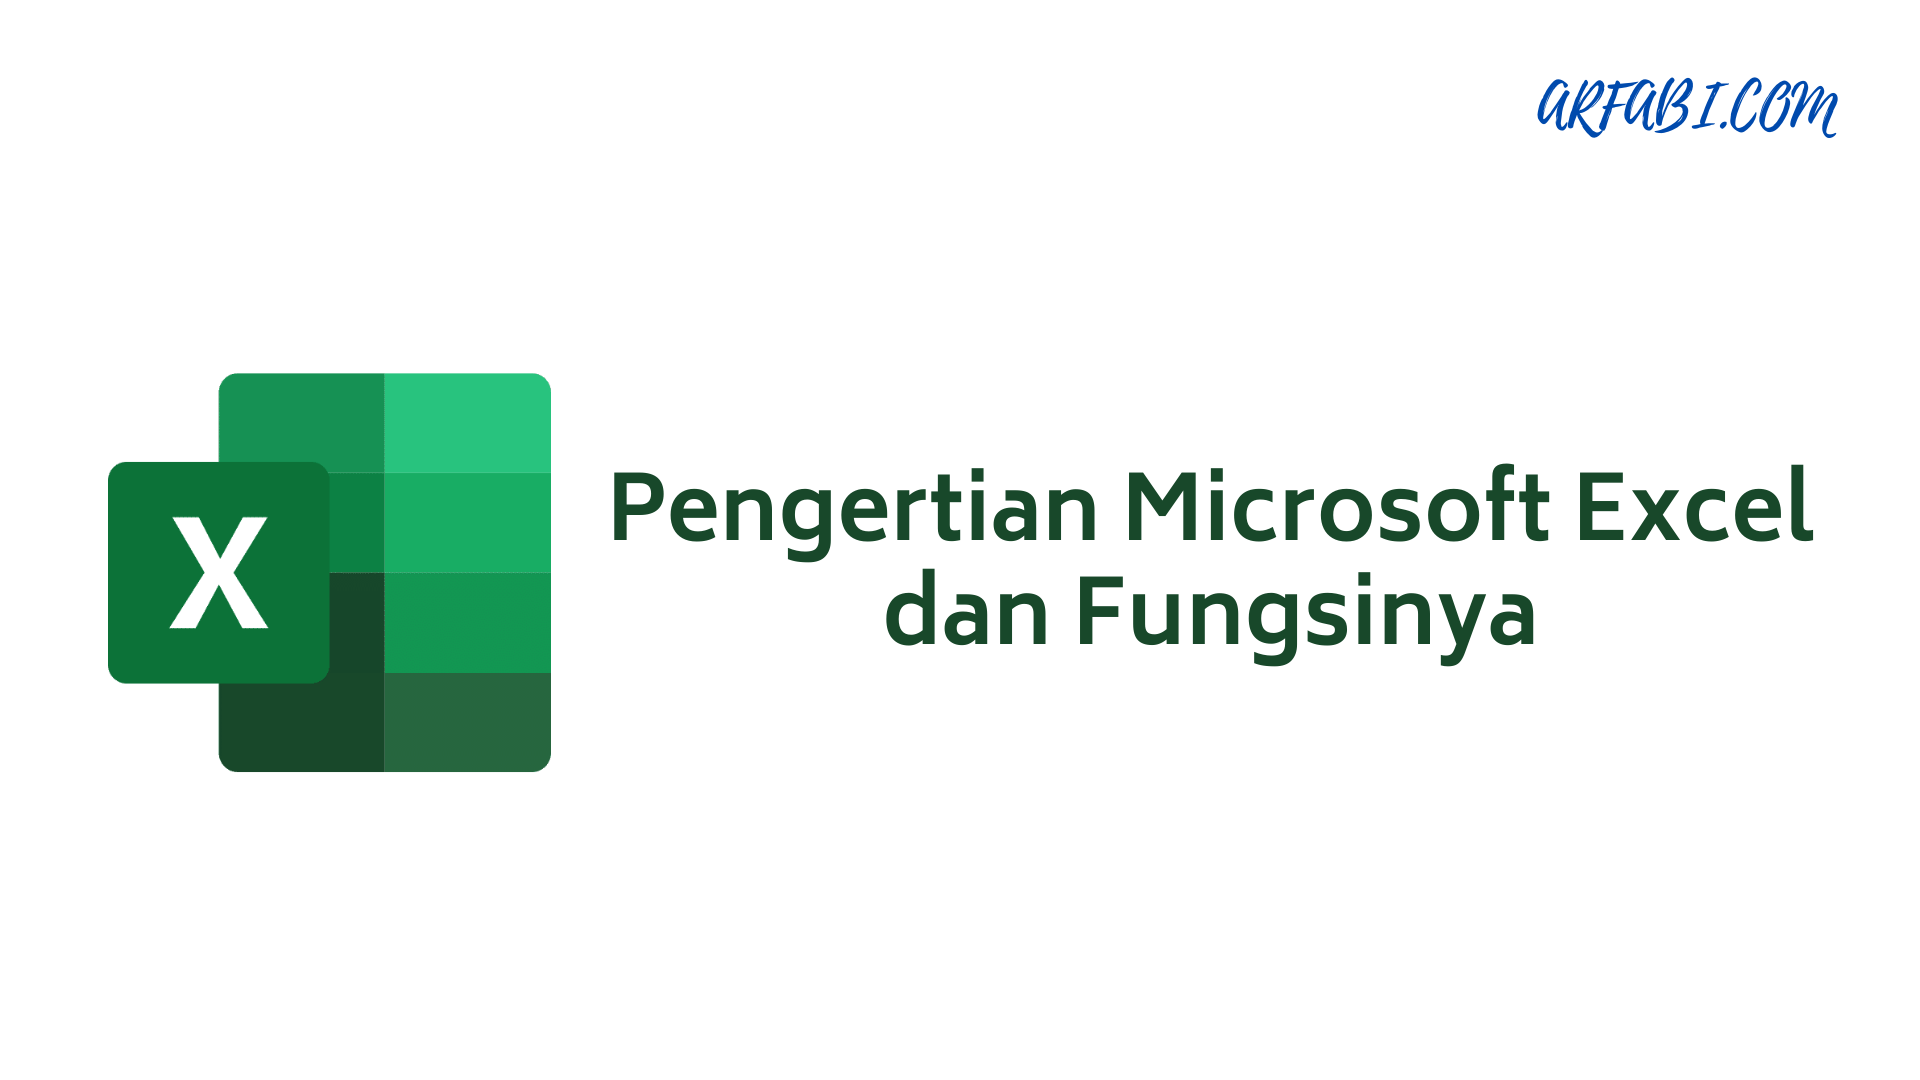 Pengertian Microsoft Excel dan Fungsinya